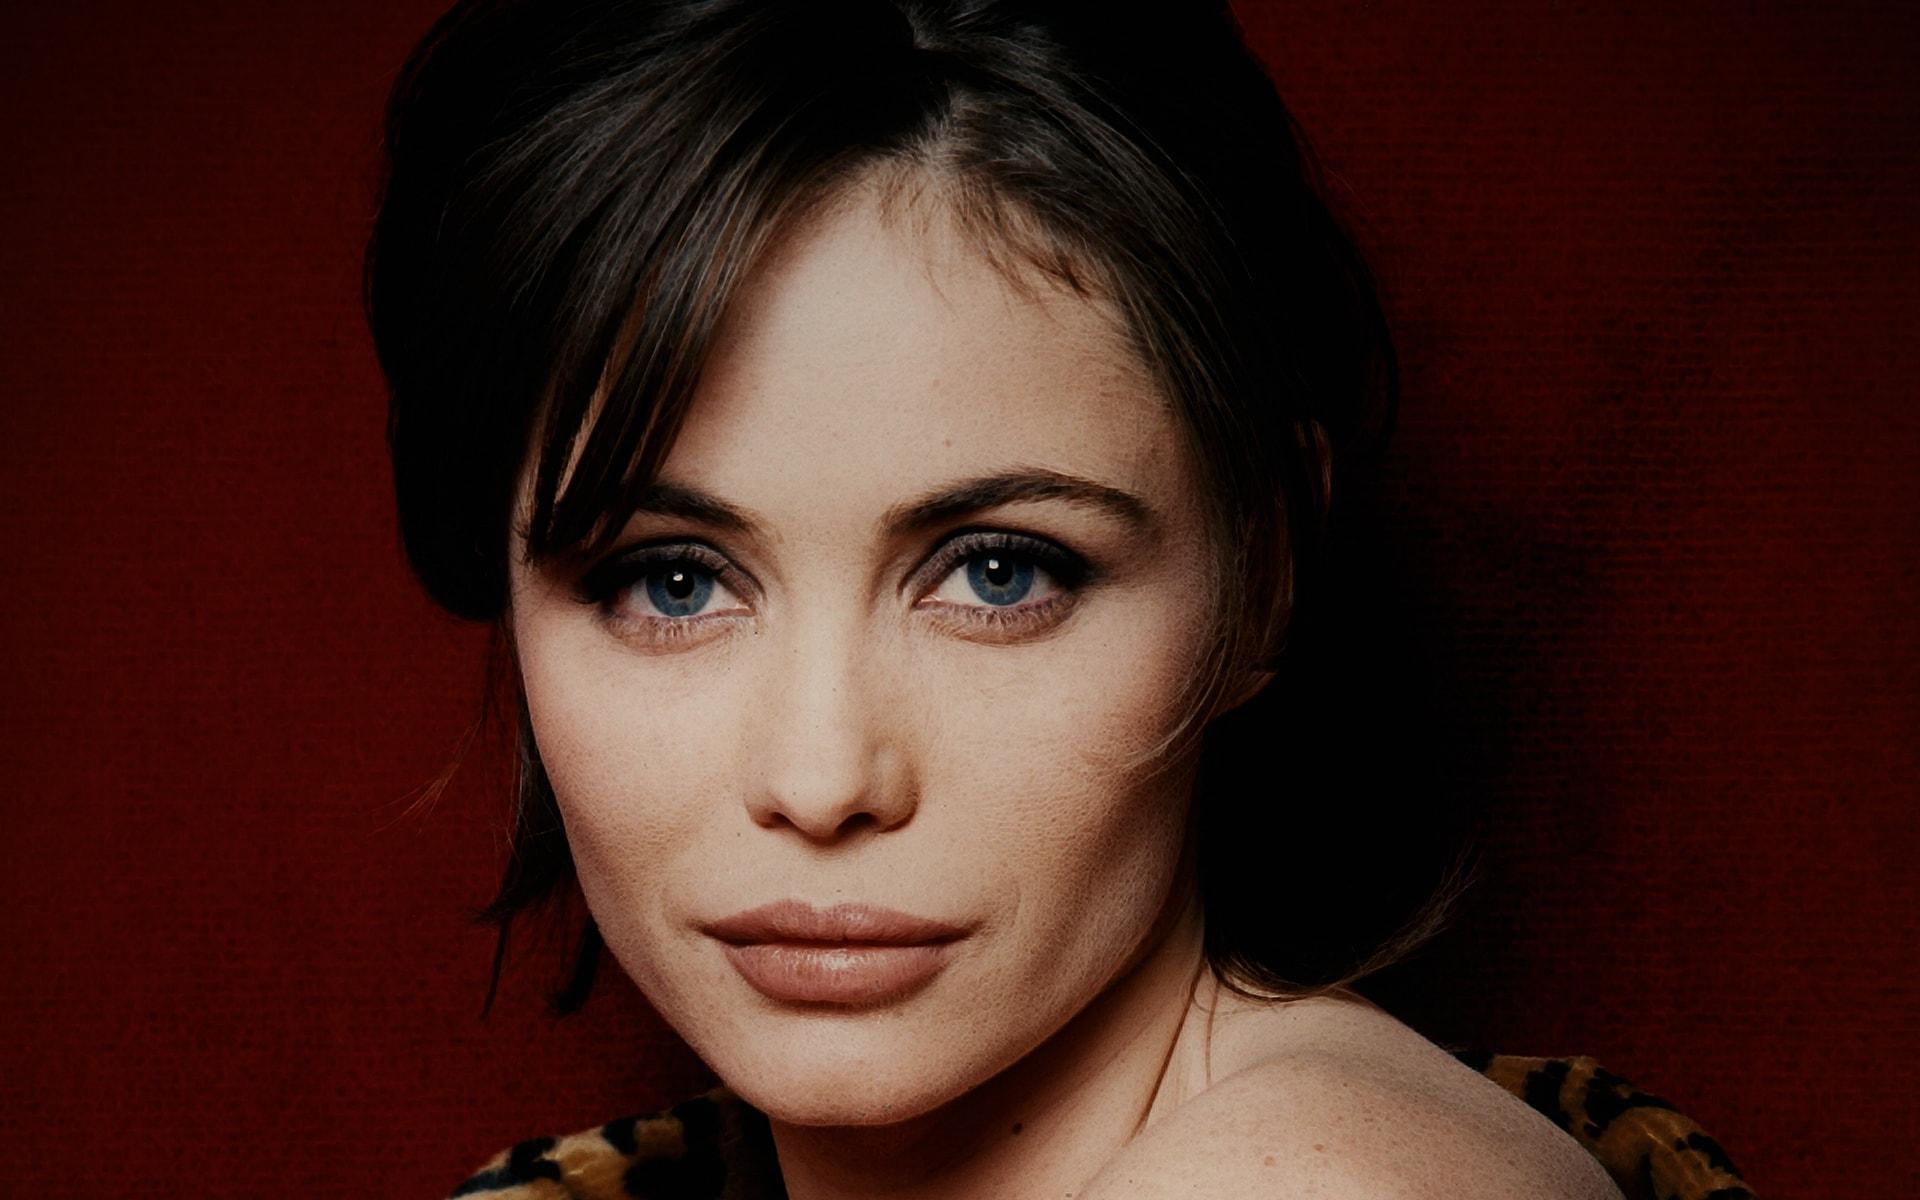 Русские актрисы список, Фотографии - Российские актрисы - Кино-Театр. РУ 20 фотография